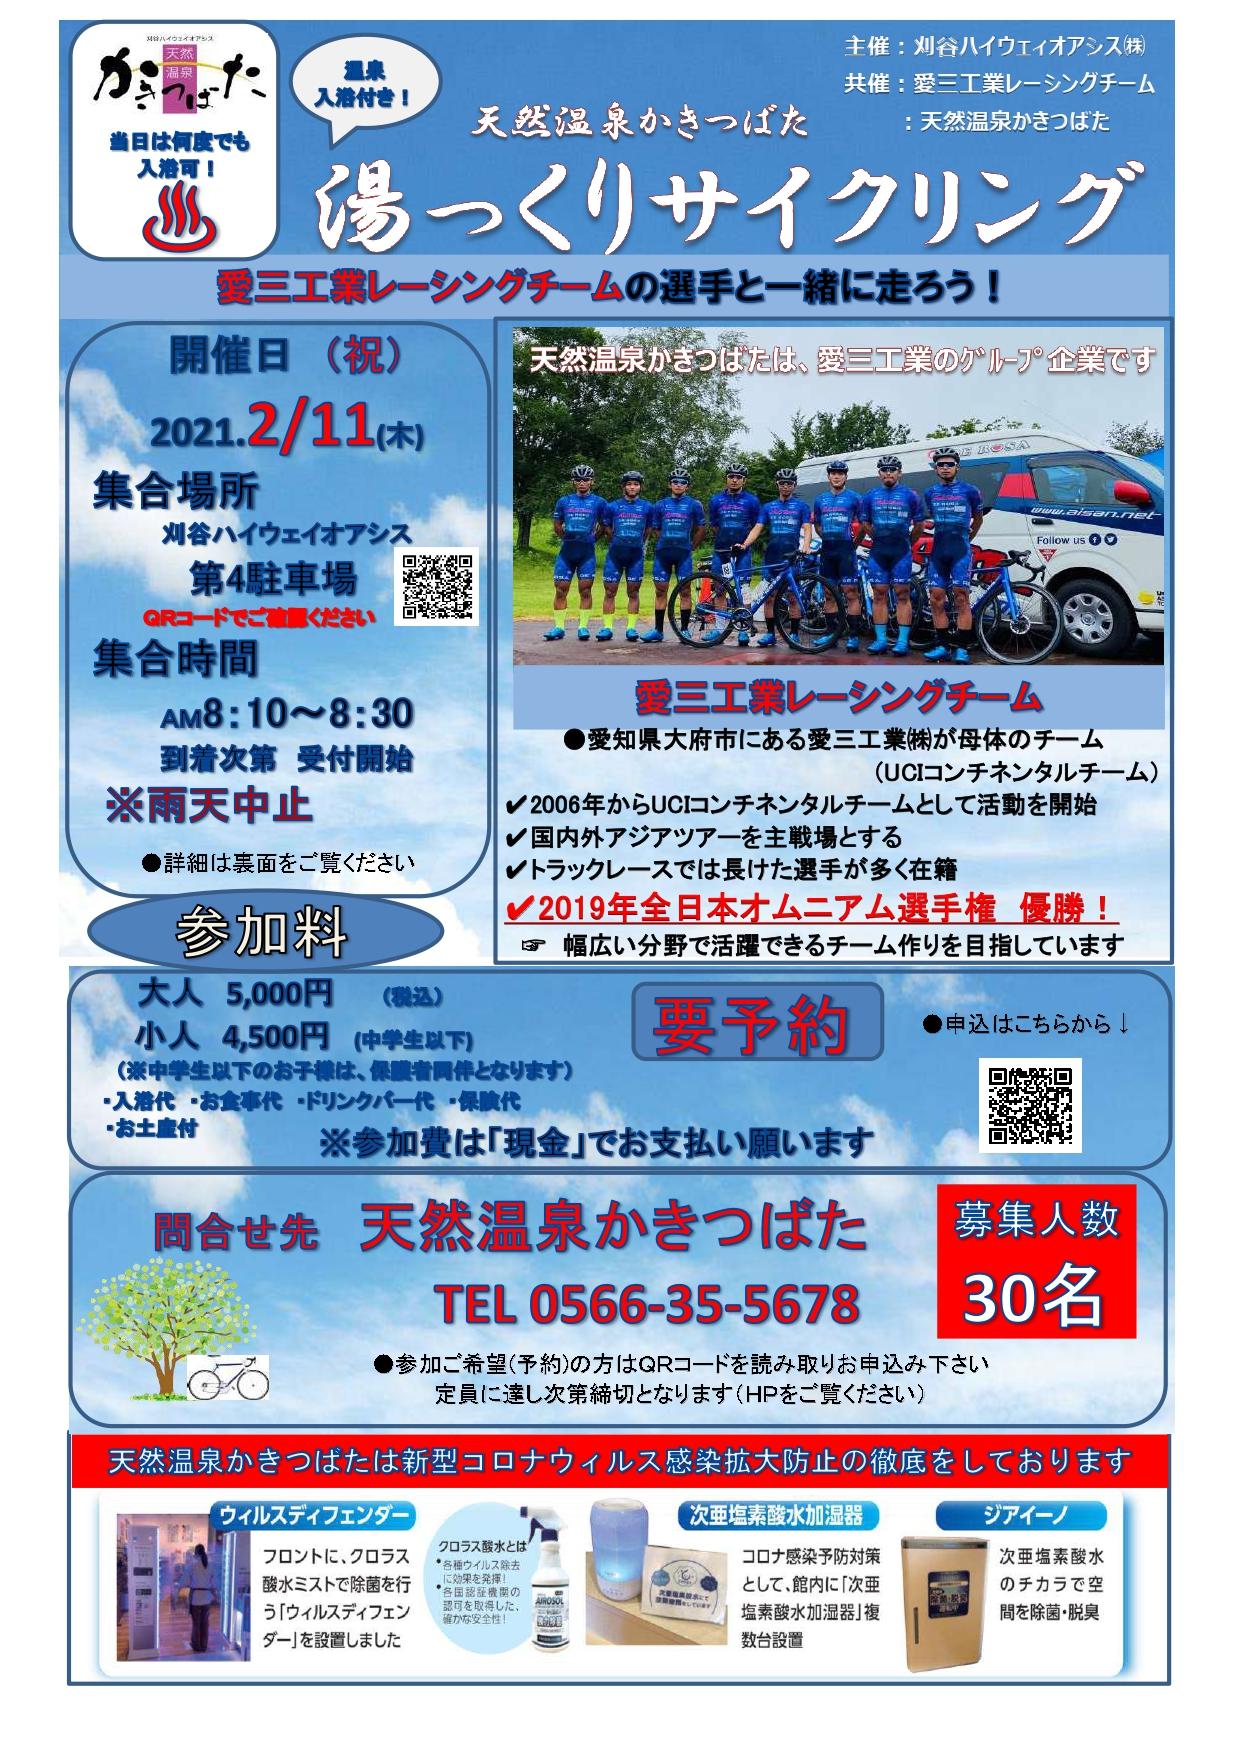 湯っくりサイクリング開催 開催日:2月11日(木・祝)